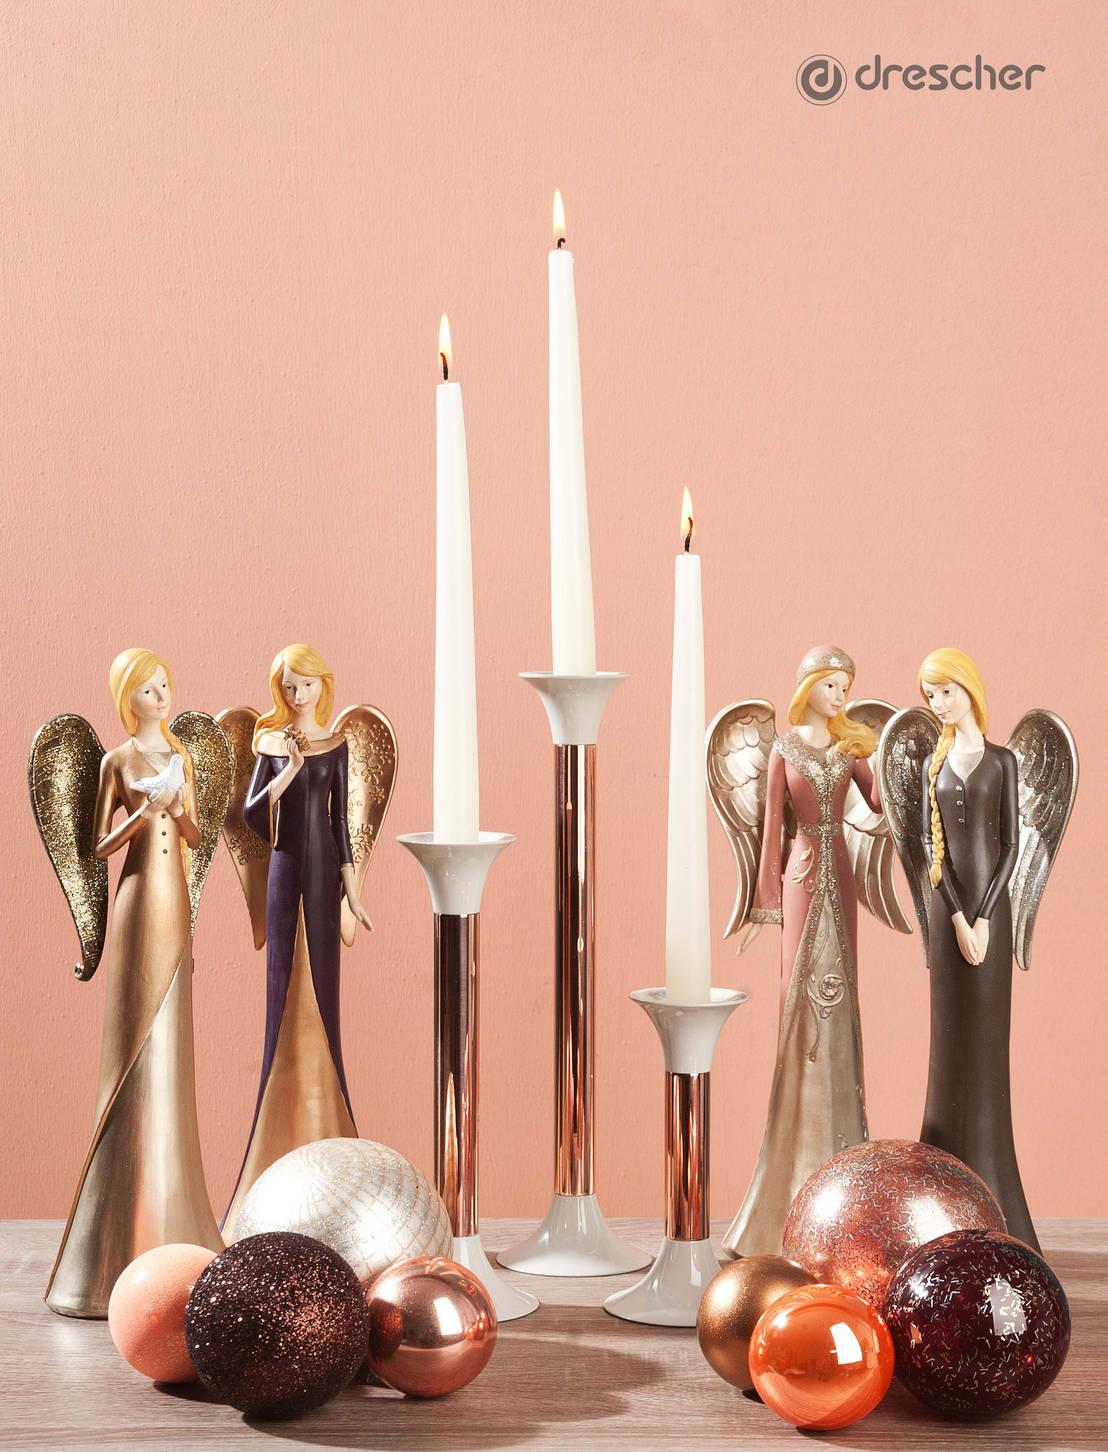 Kupfer elegante akzente zum weihnachtsfest von drescher - Gartendekoration kupfer ...